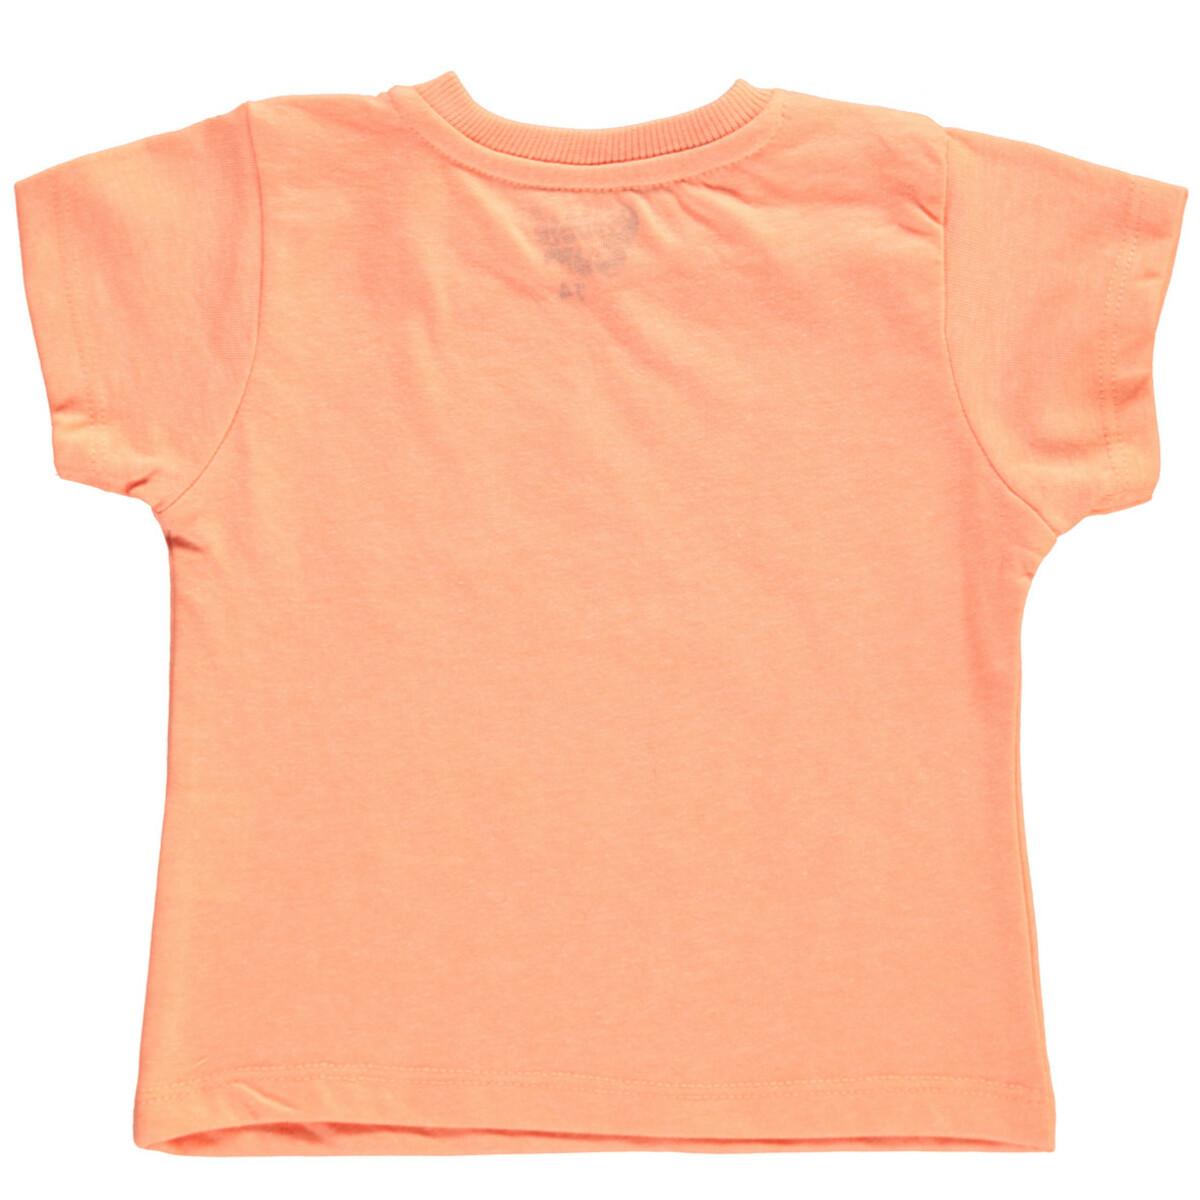 Bild 2 von Baby Shirt mit Wording Print